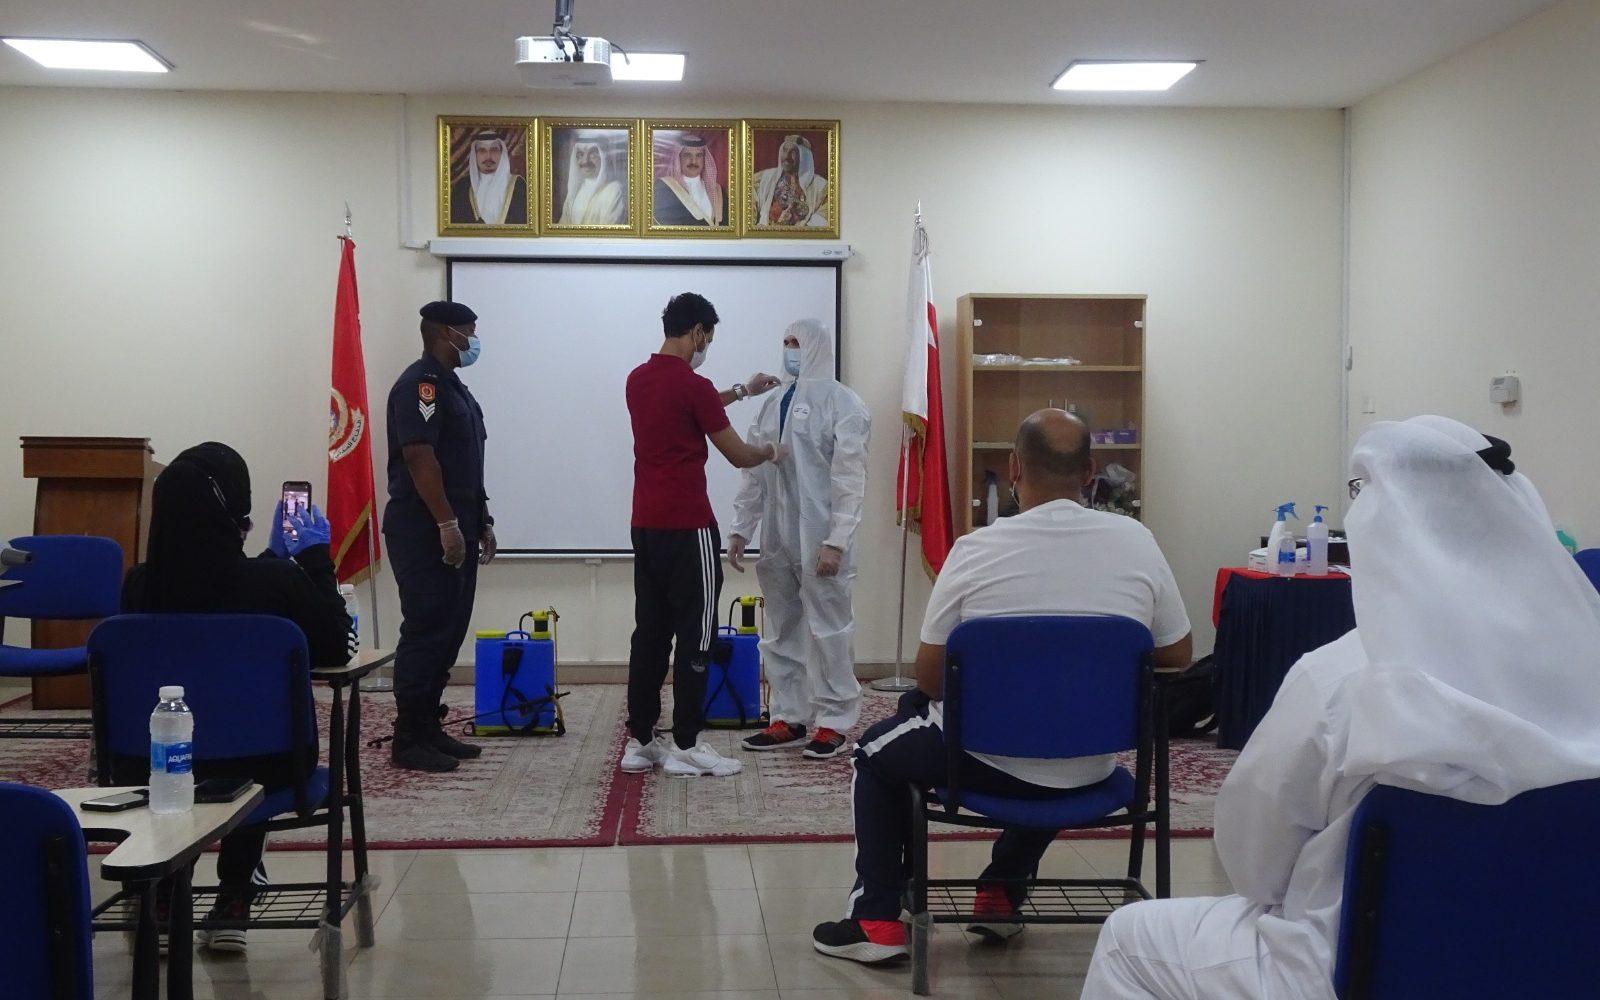 بالتعاون مع الإدارة العامة للدفاع المدني , تدريب منتسبي الوزرارة على مواجهة جائحة كورونا